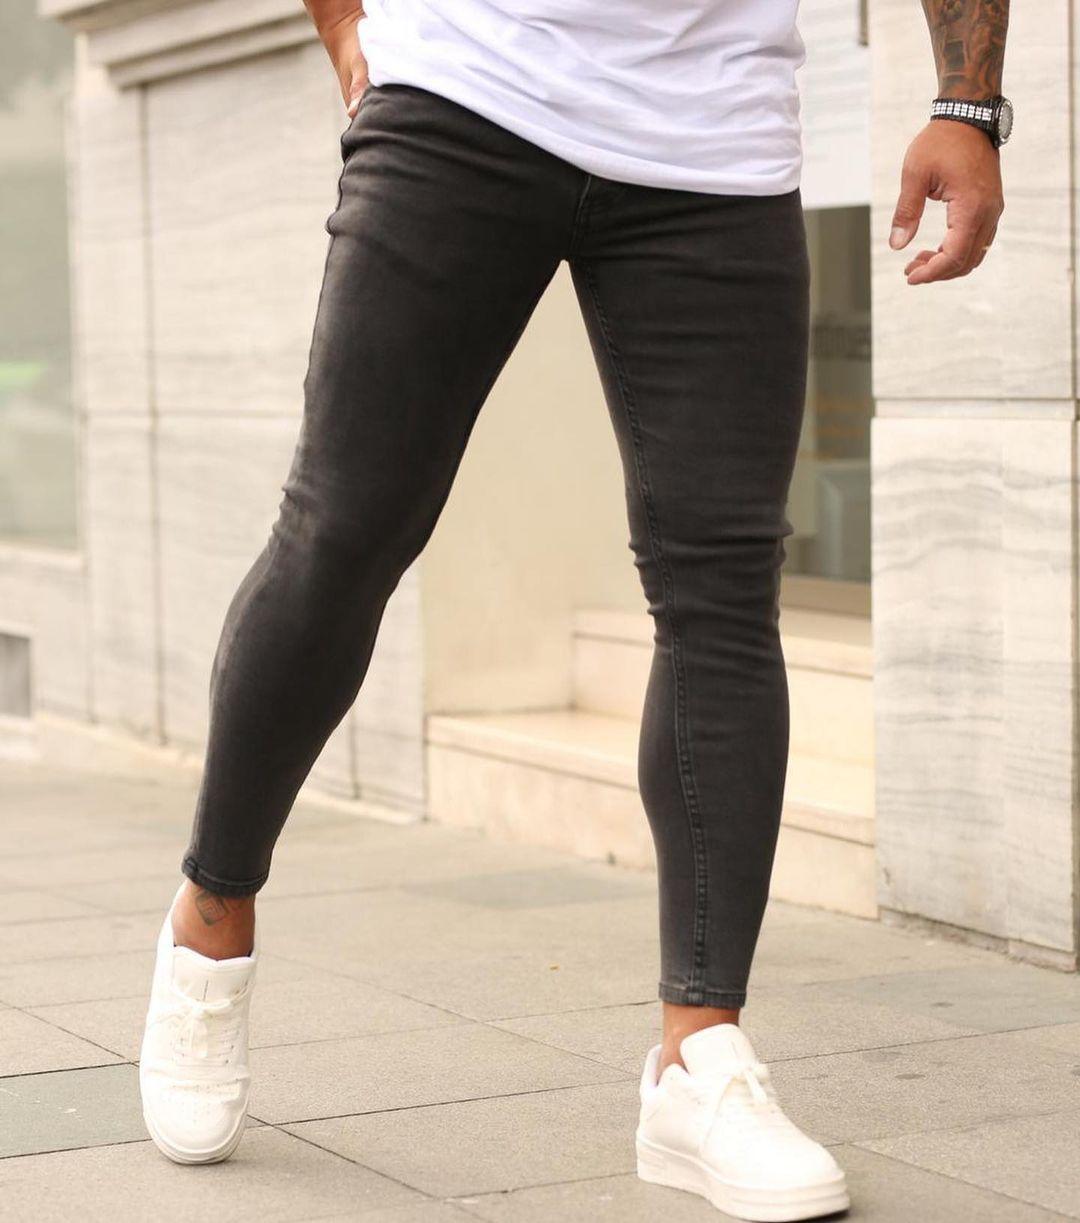 Мужские джинсы зауженные Скини черные/ Турция Темно-серый, 31